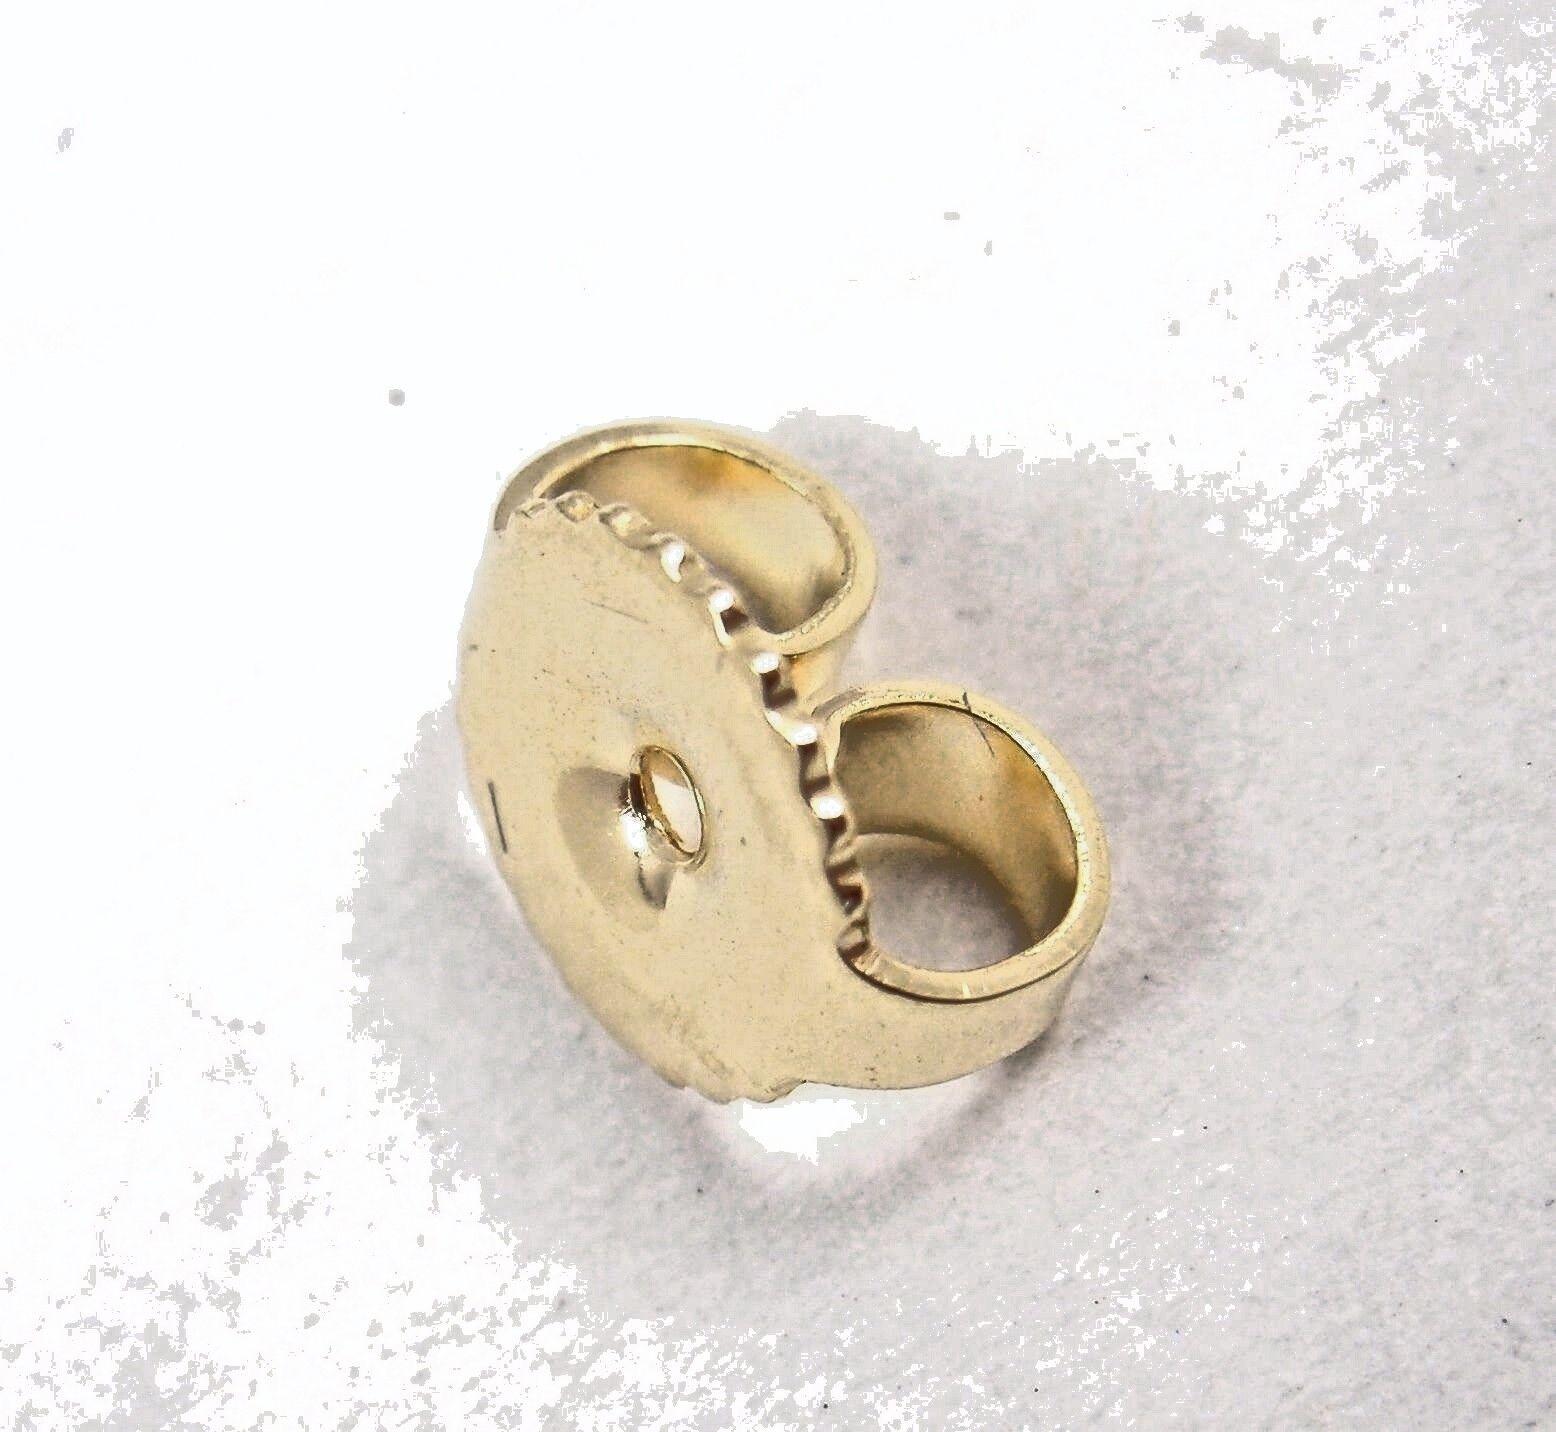 Tiffany Co. E. Peretti 18K Yellow Gold Full Heart Stud Earrings In Pouch Box - $899.99